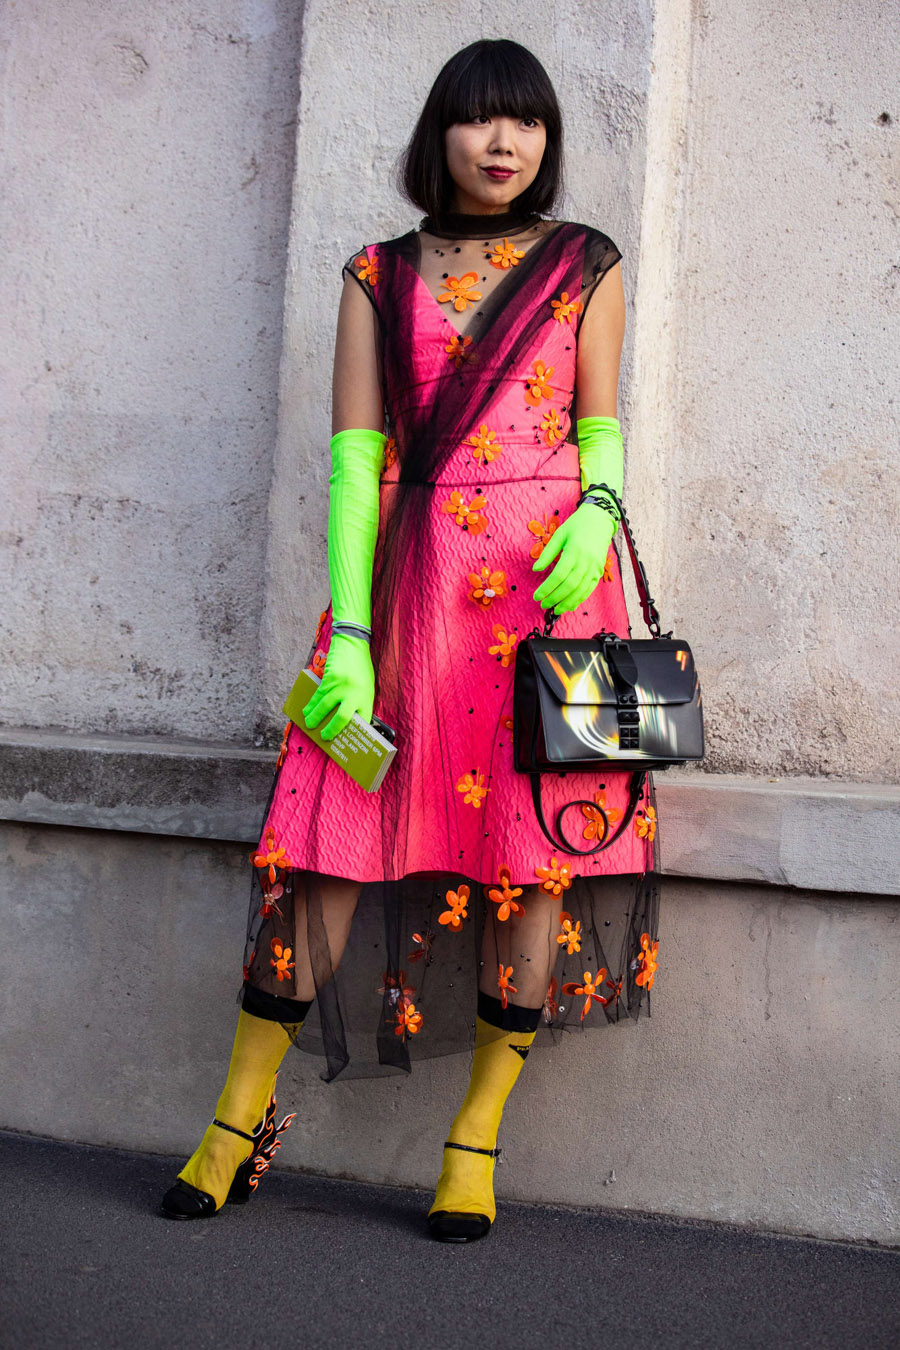 milan-fashion-week-spring-2019-street-style-day-2-19